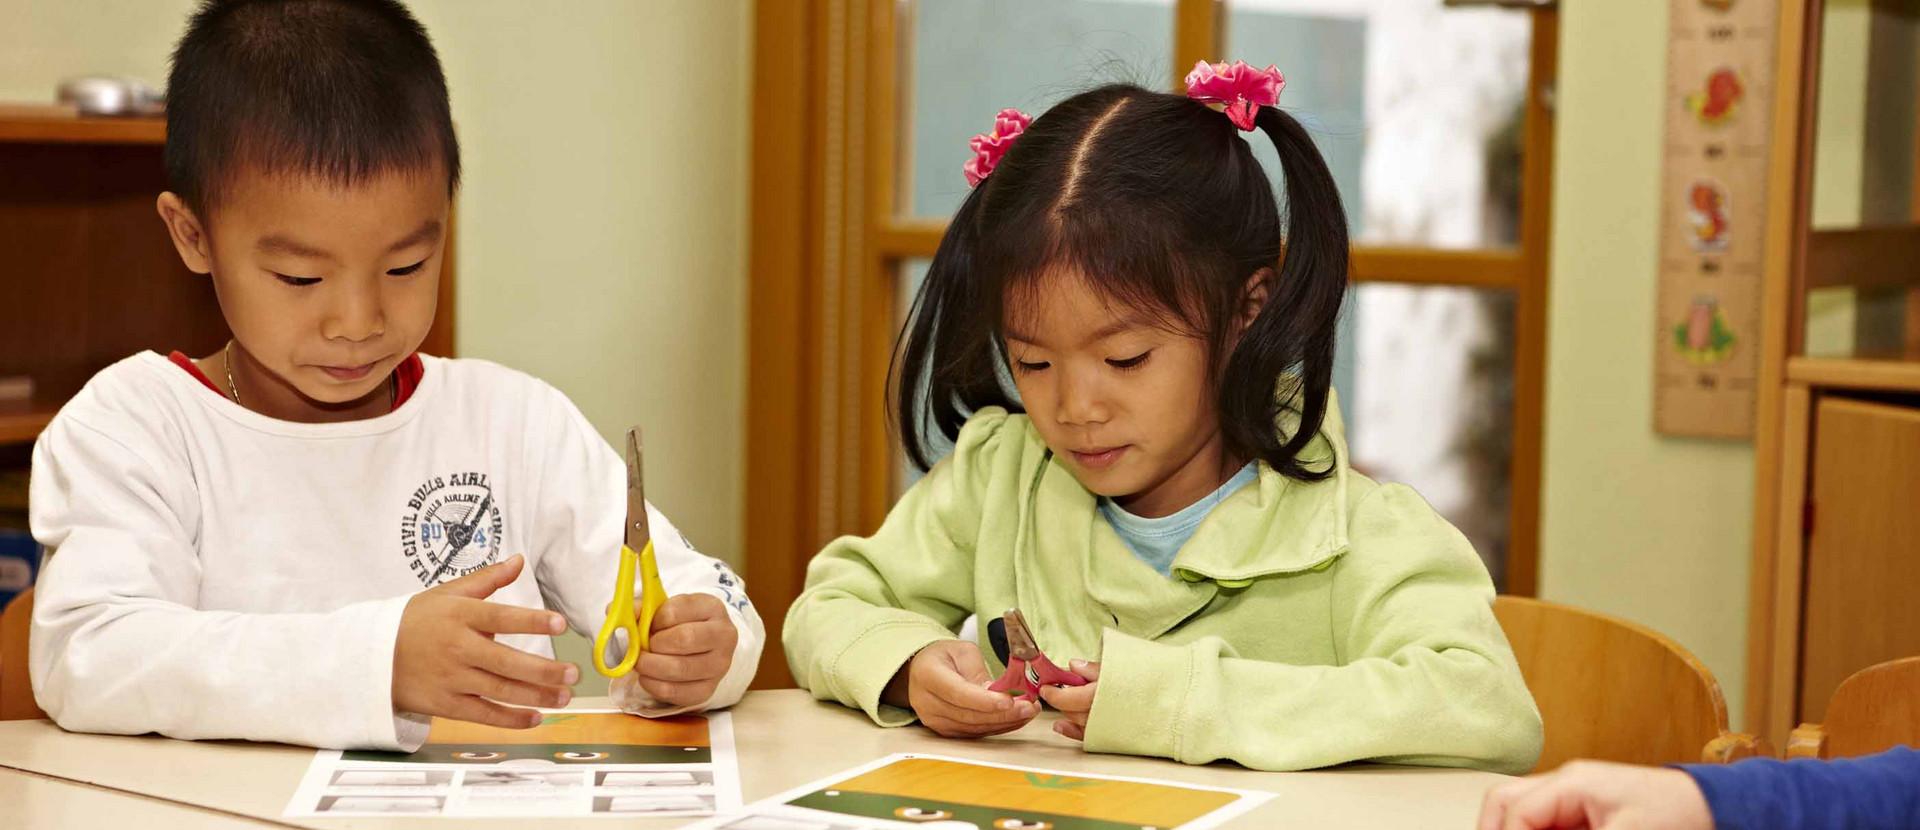 zwei Kinder sitzen an einem Tisch und schneiden aus